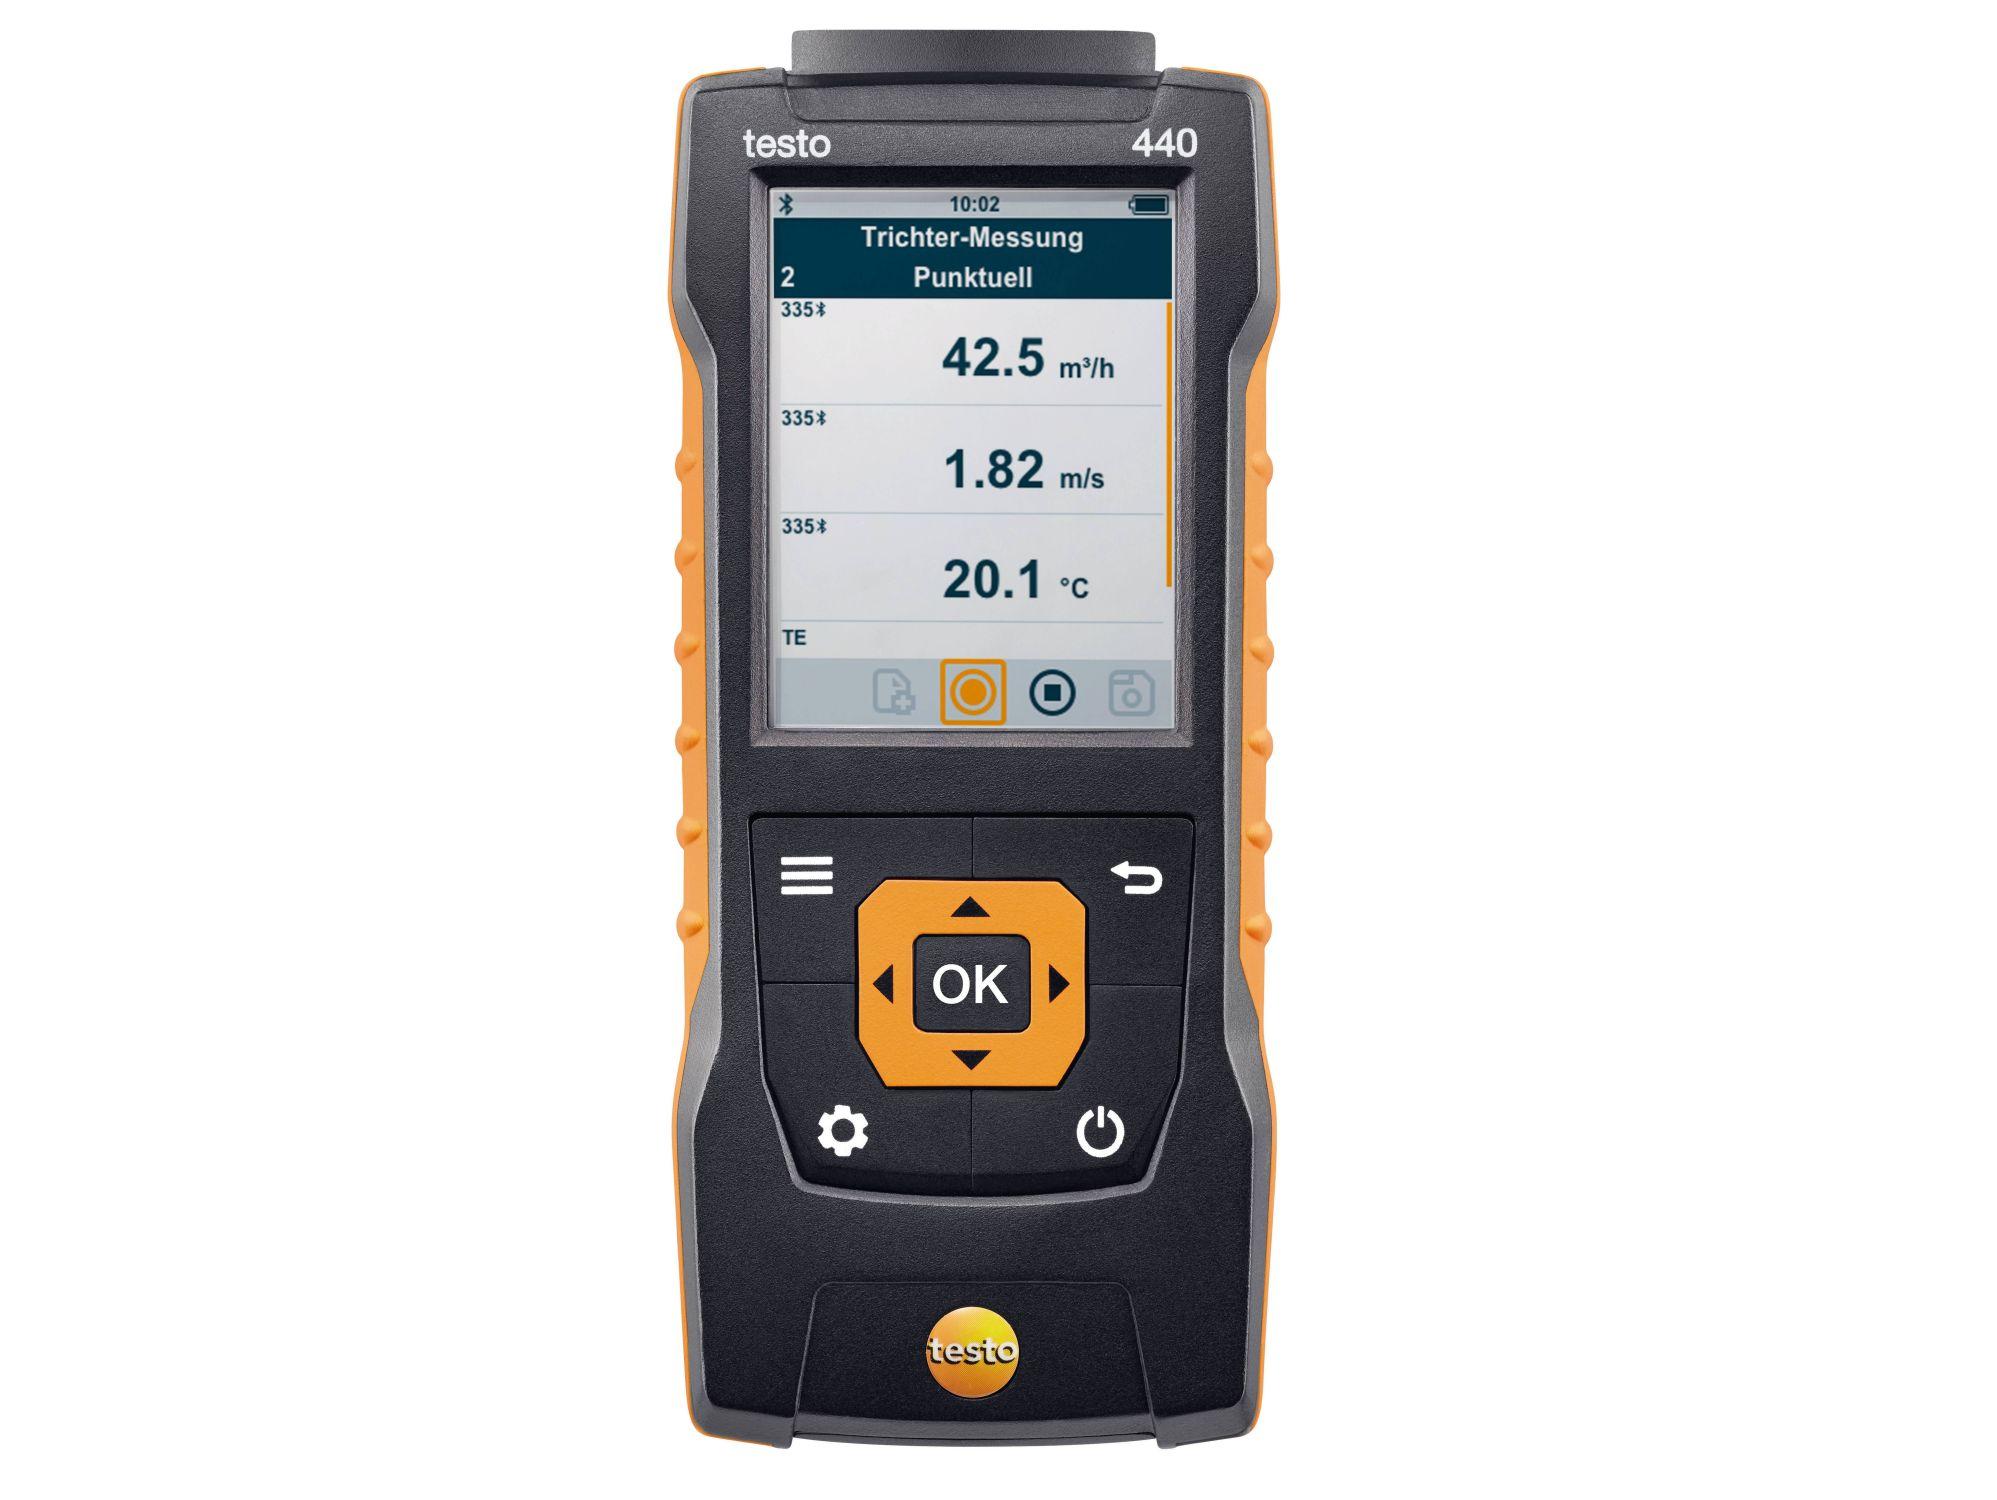 testo 440 Klimamessgerät